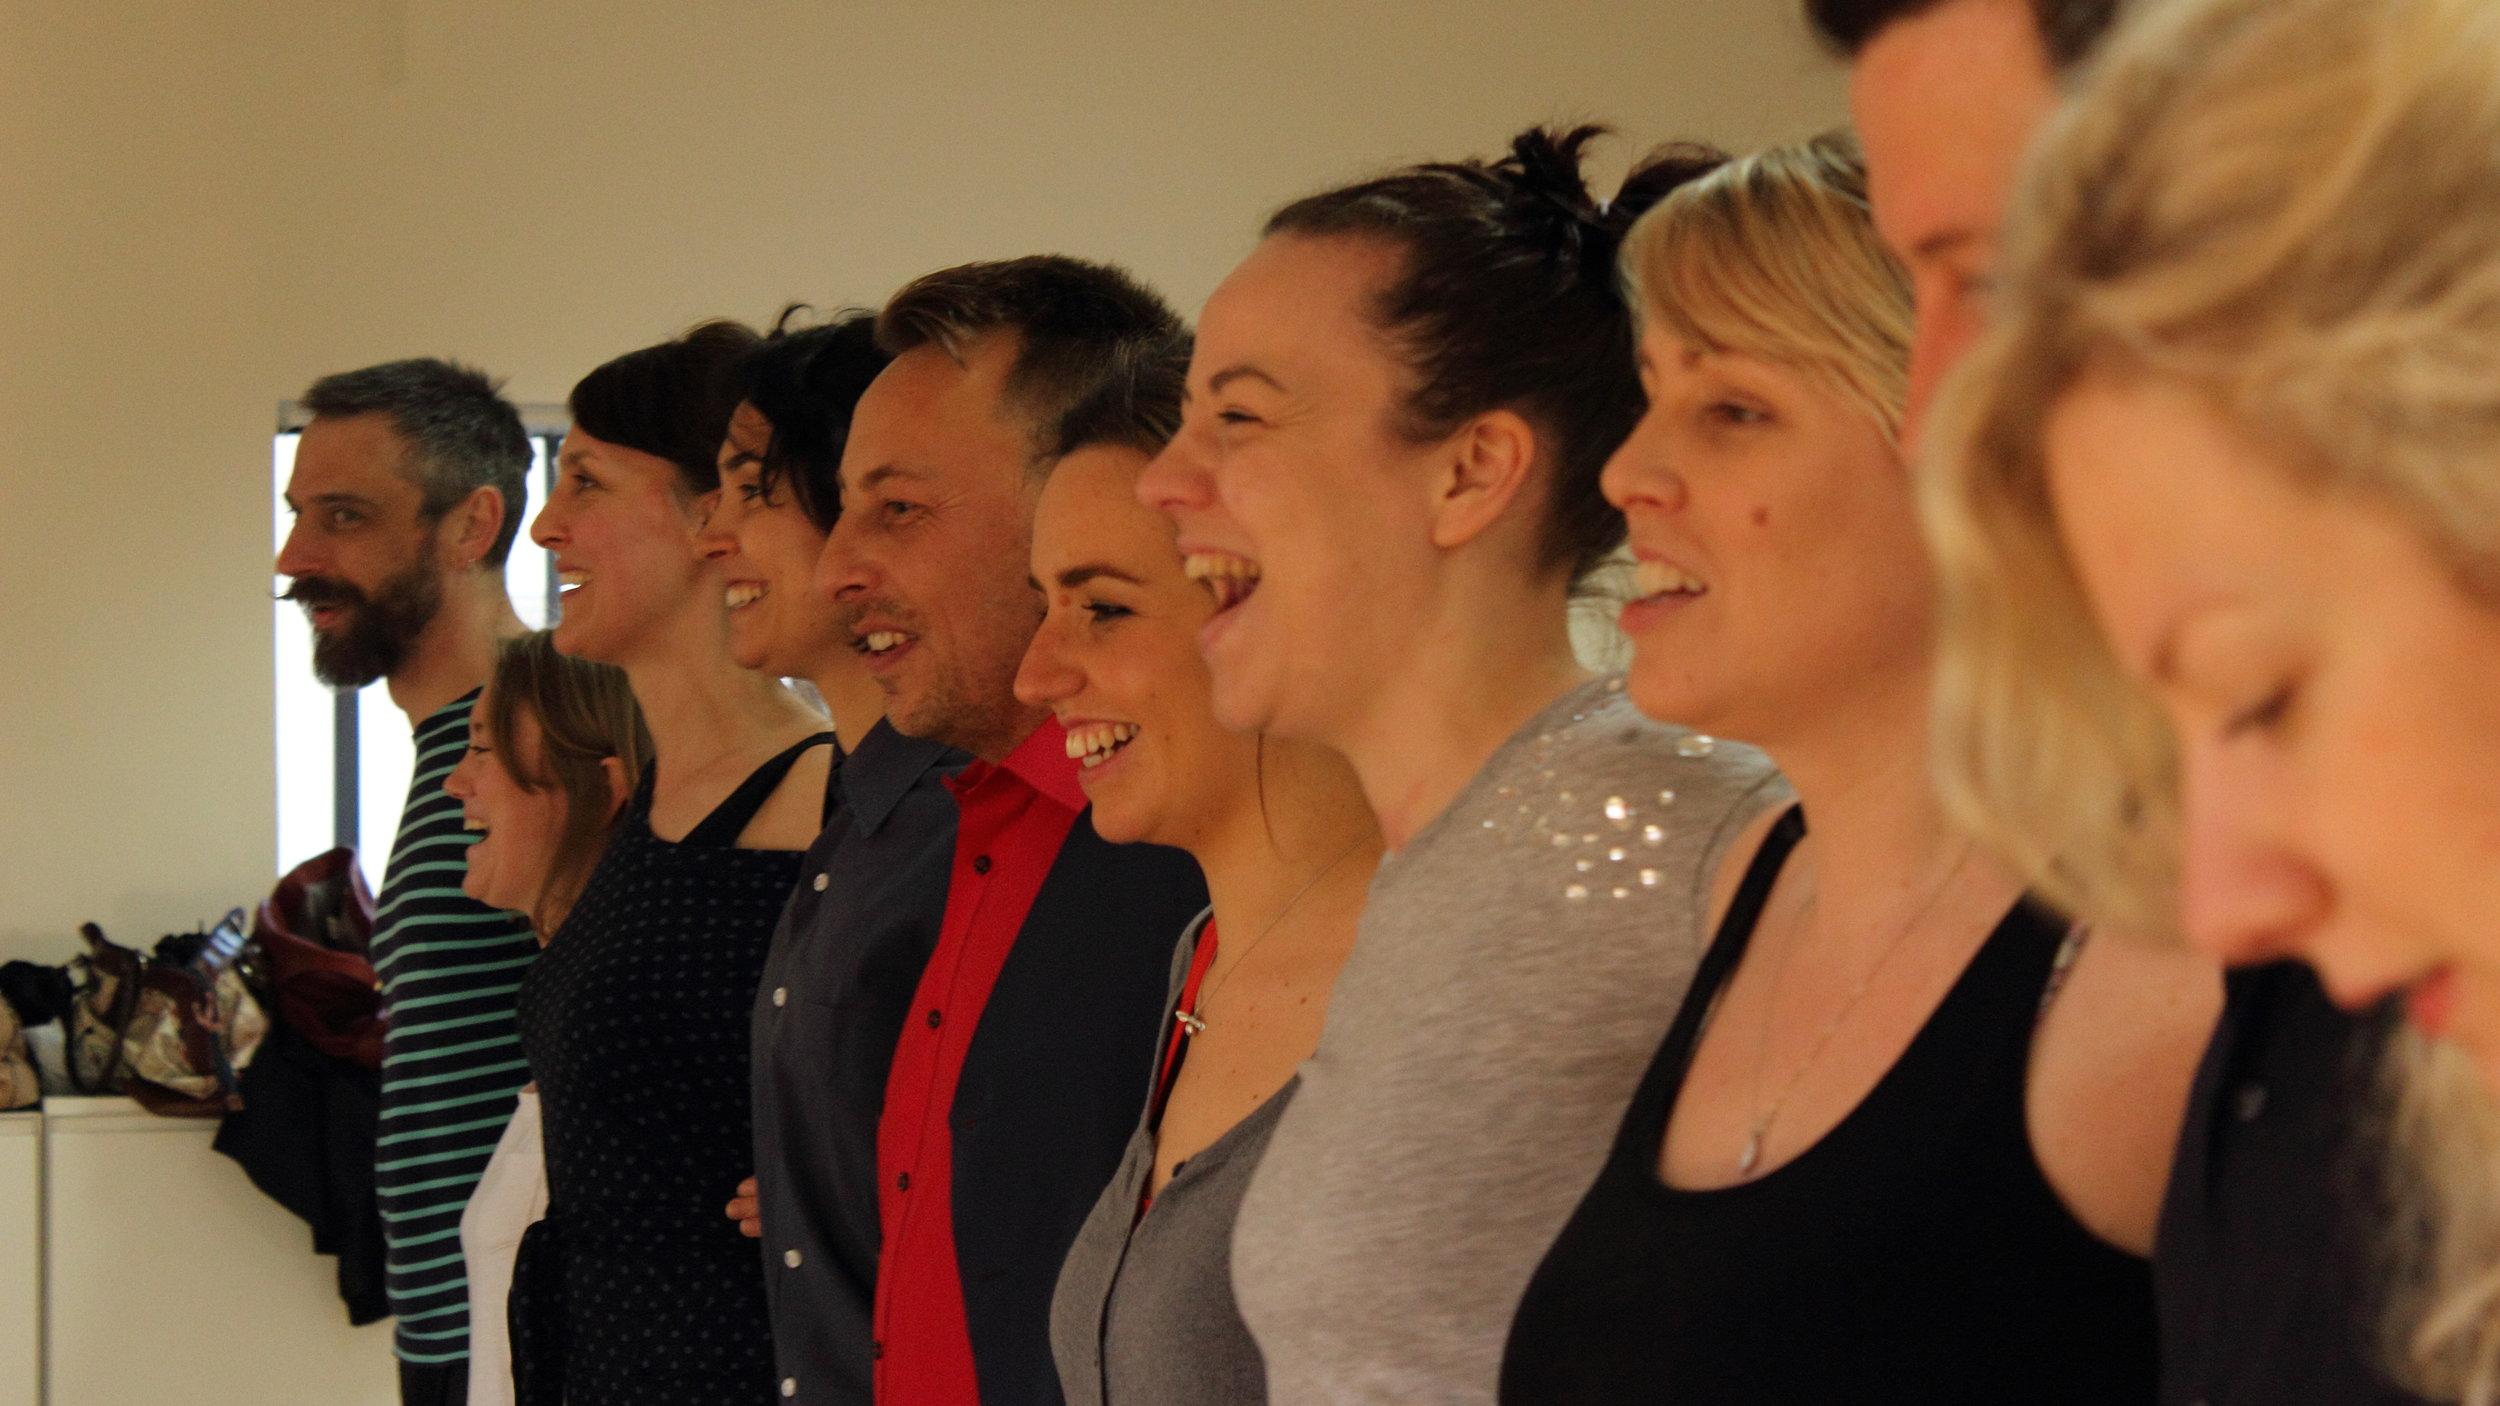 MyCharleston Dance Workshop Hove